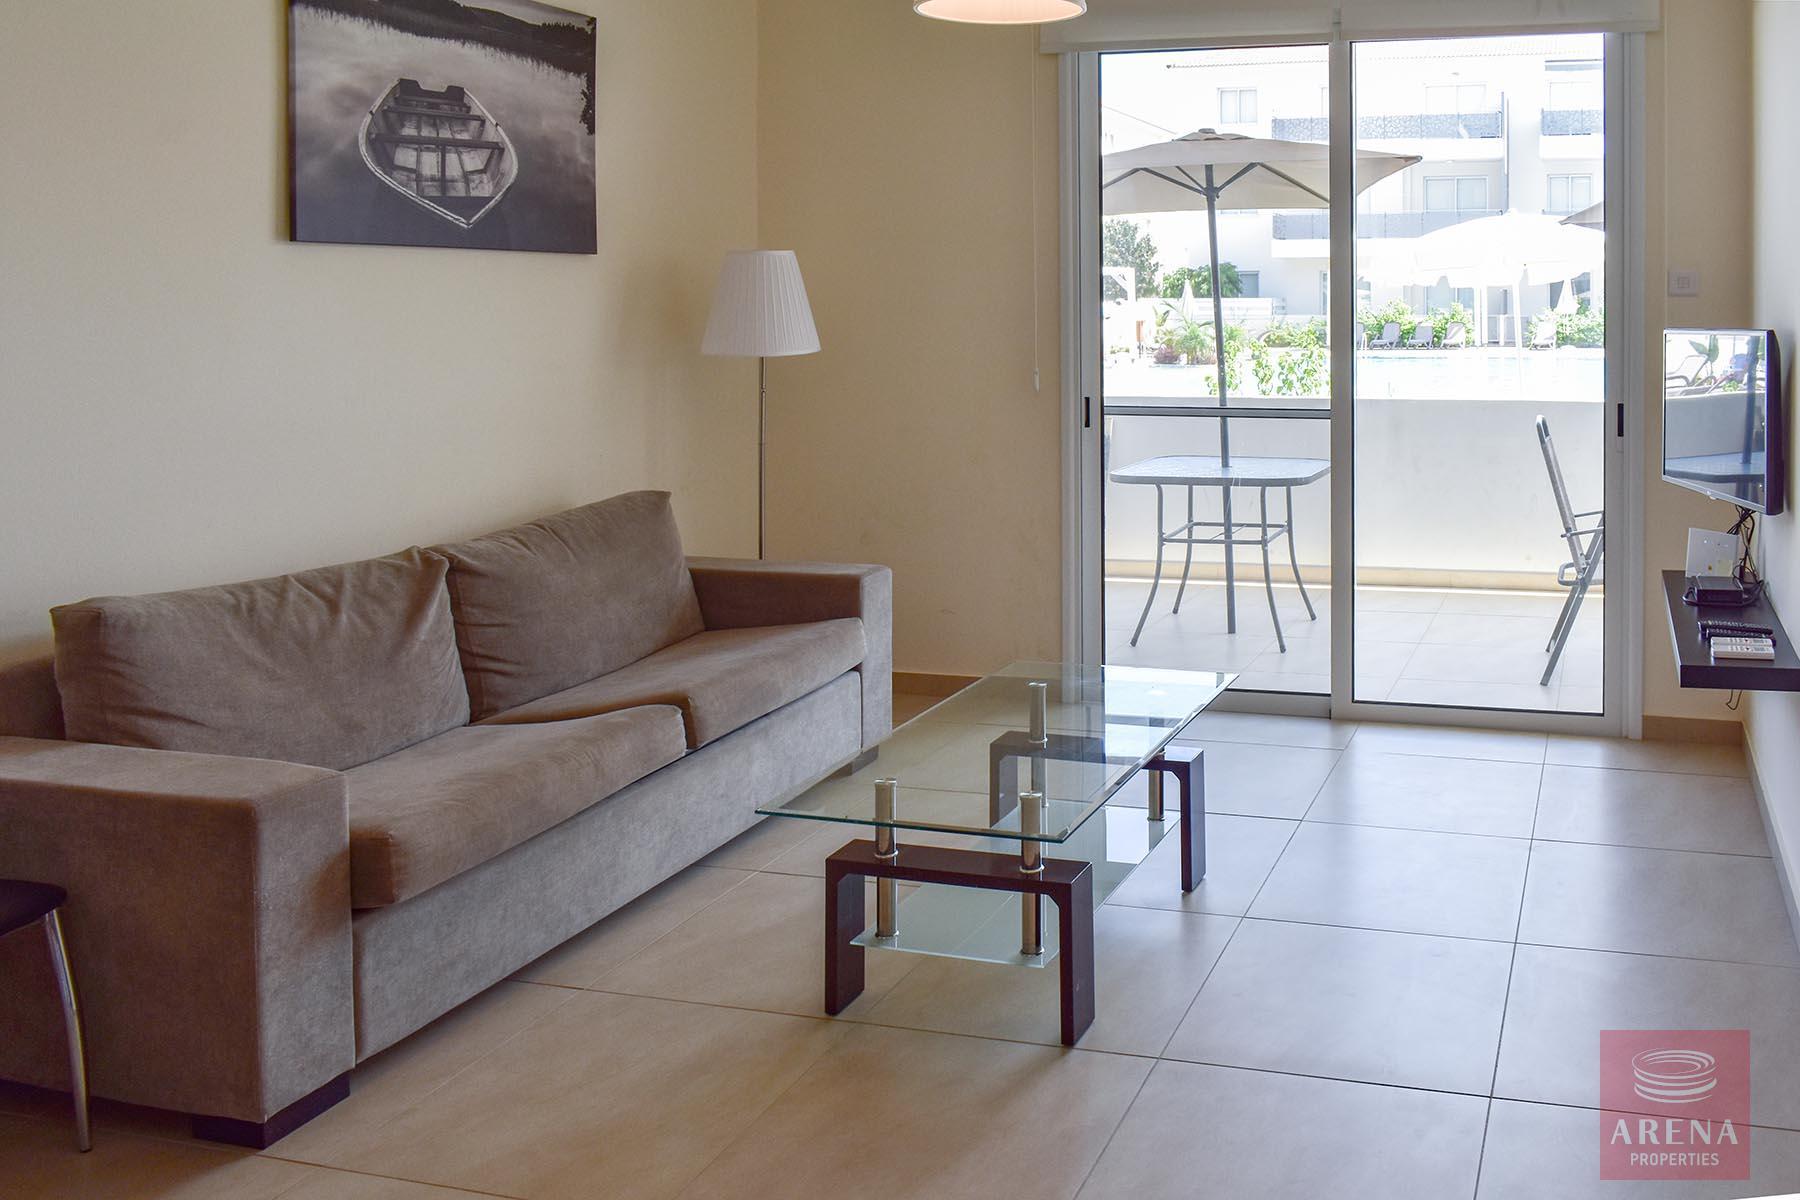 Ground Floor Apartment in Kapparis-sitting area